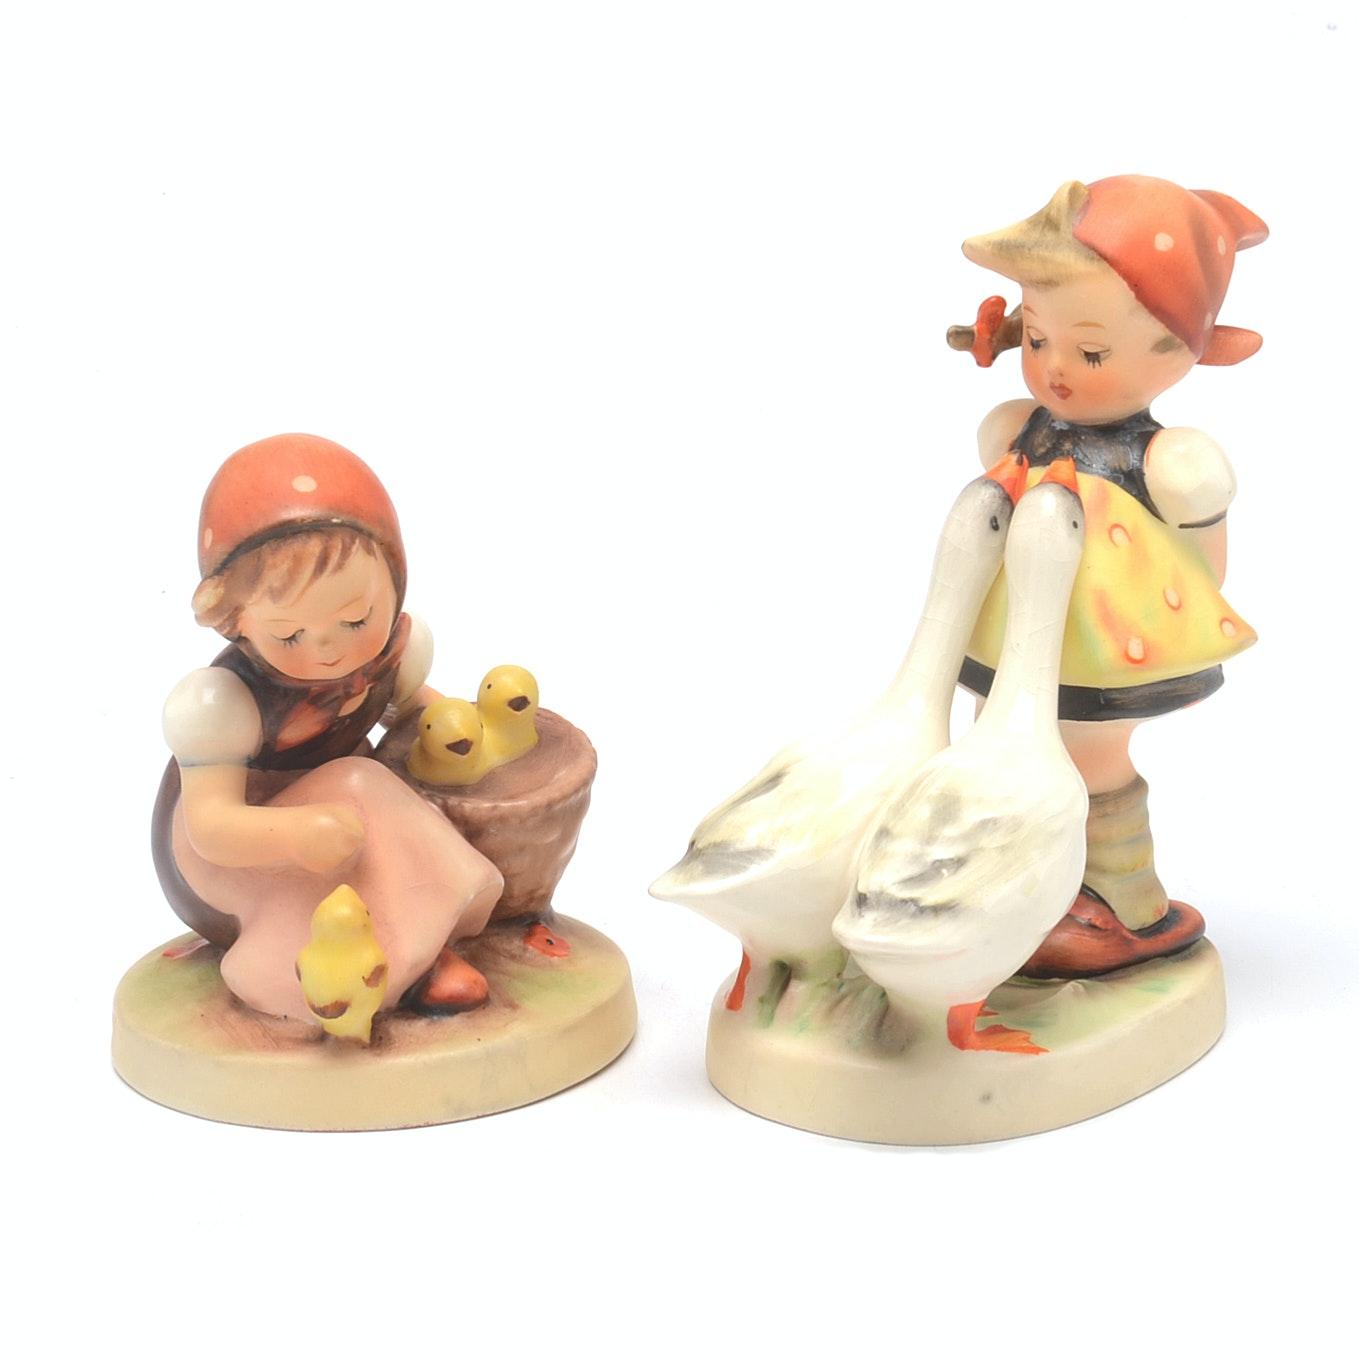 Vintage Hummel Figures Goose Girl and Chick Girl